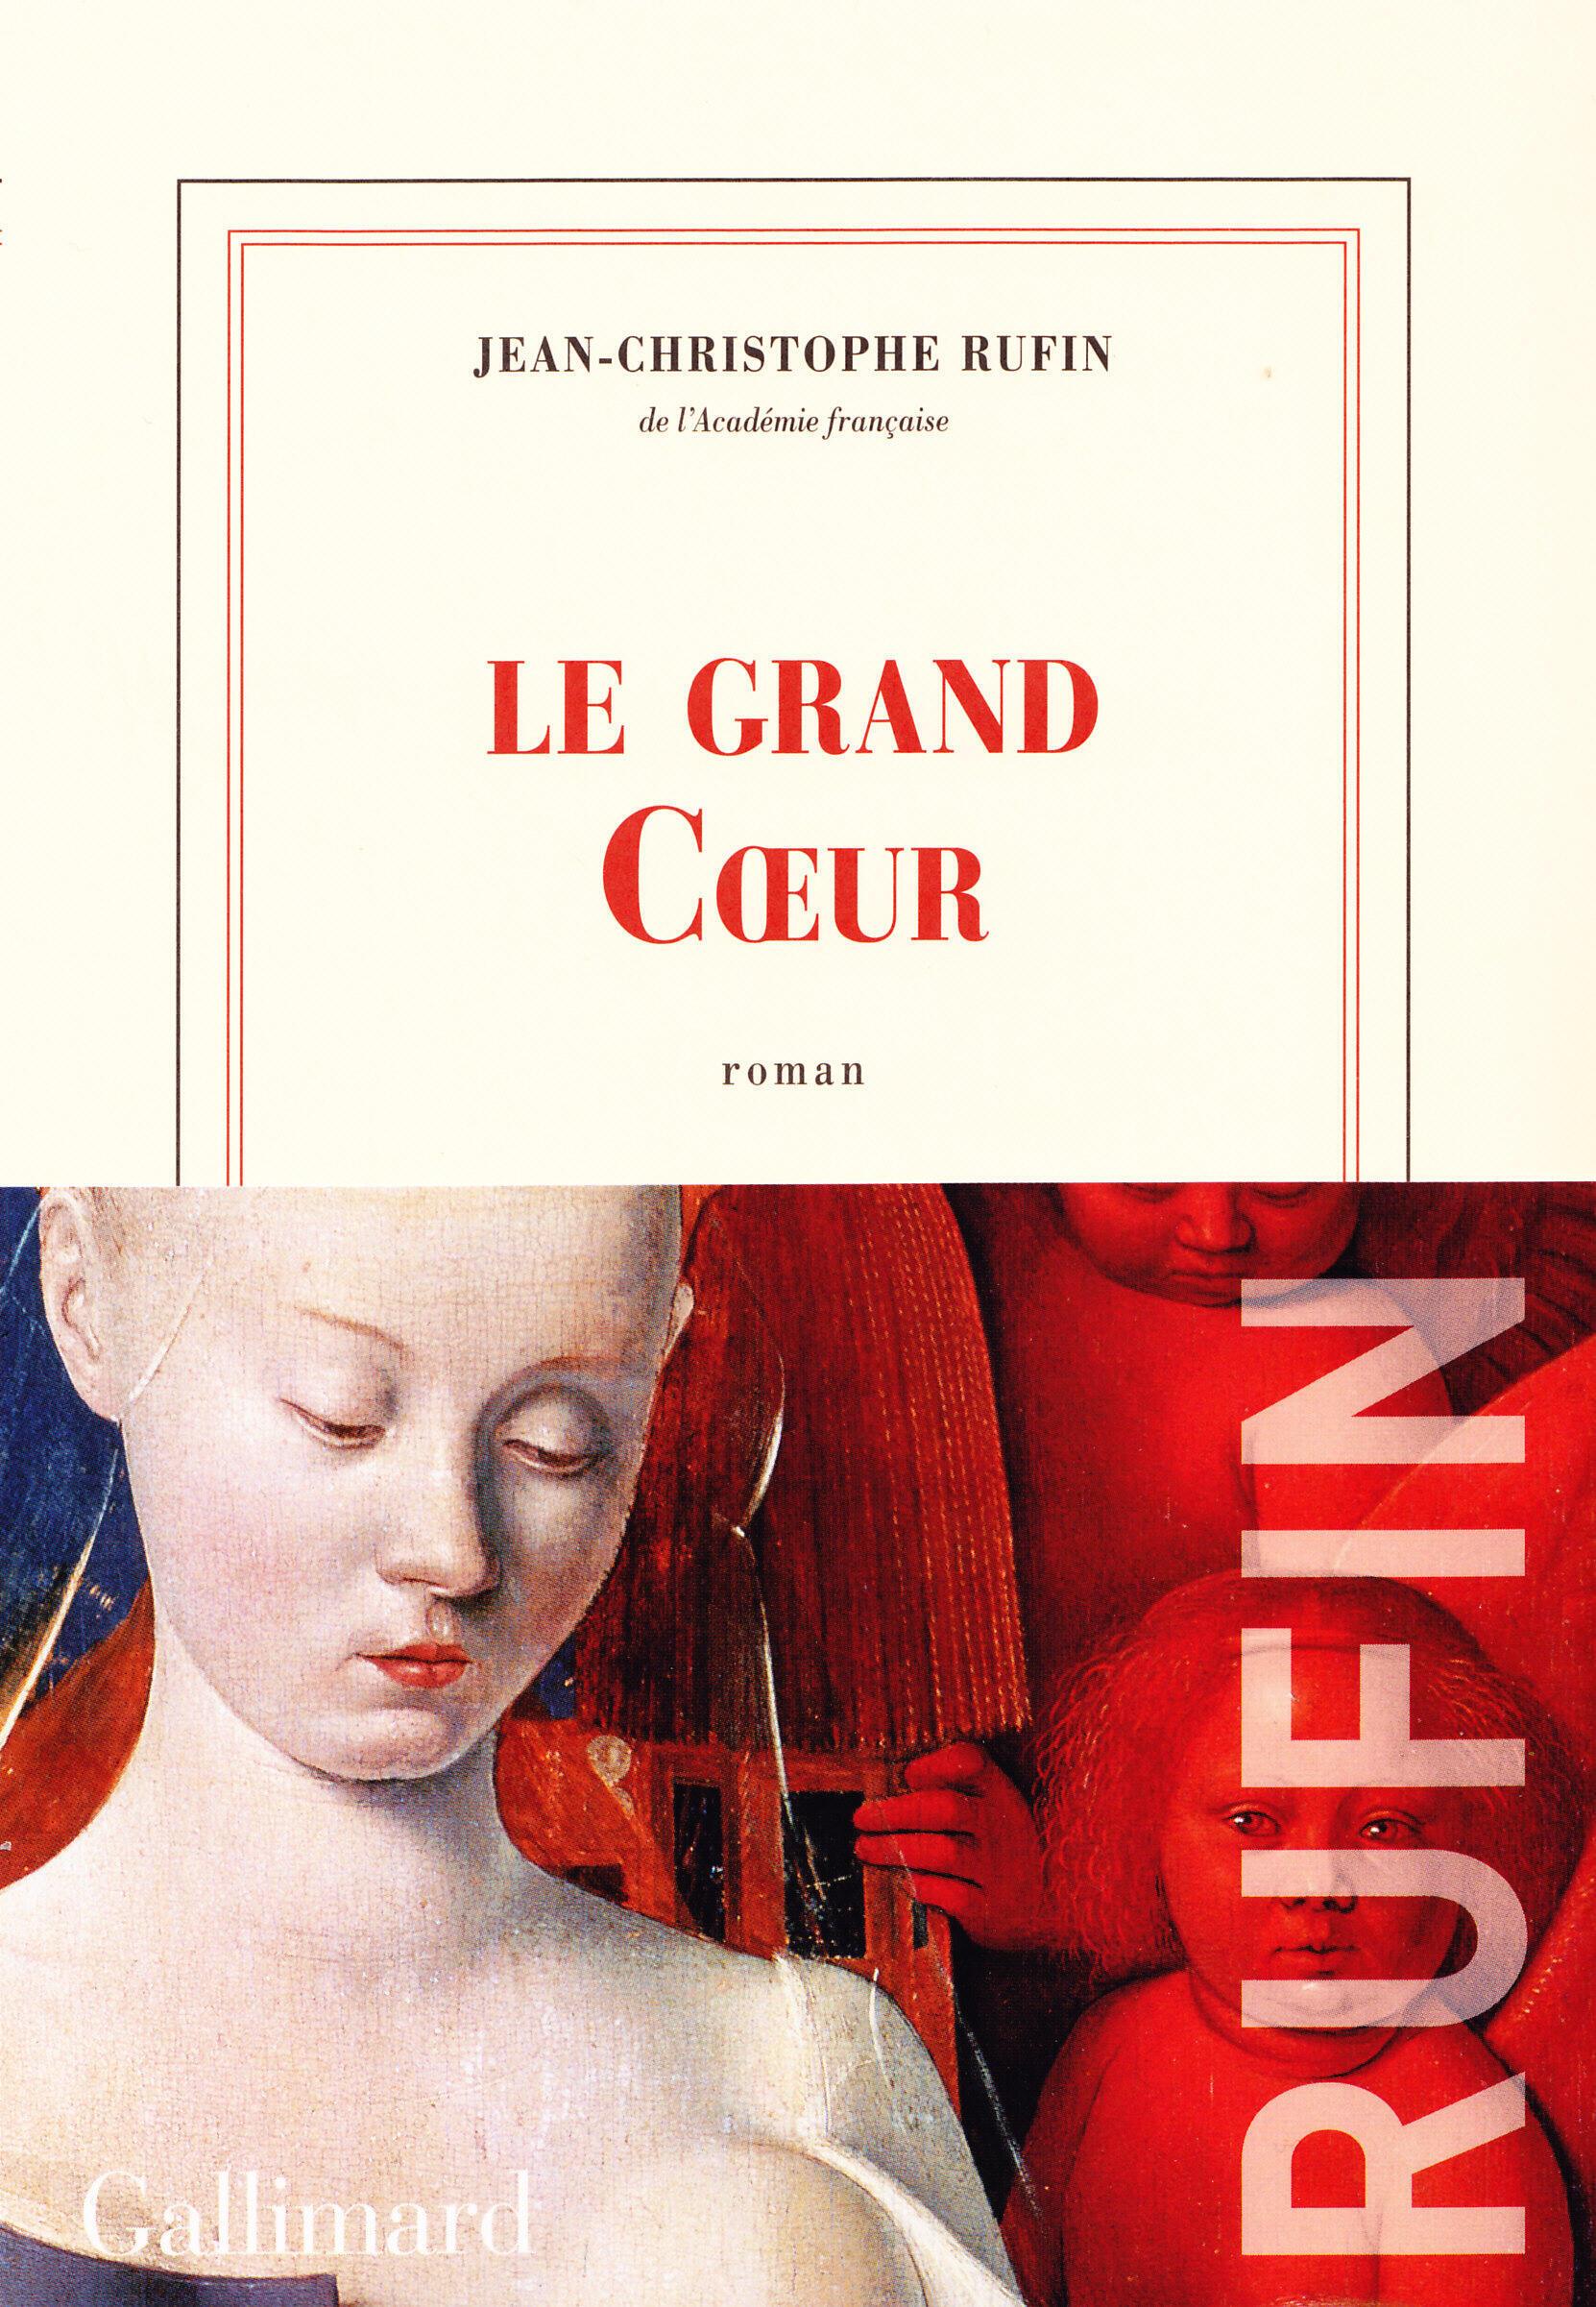 Le nouveau roman sous la plume de l'académicien Jean-Christophe Rufin